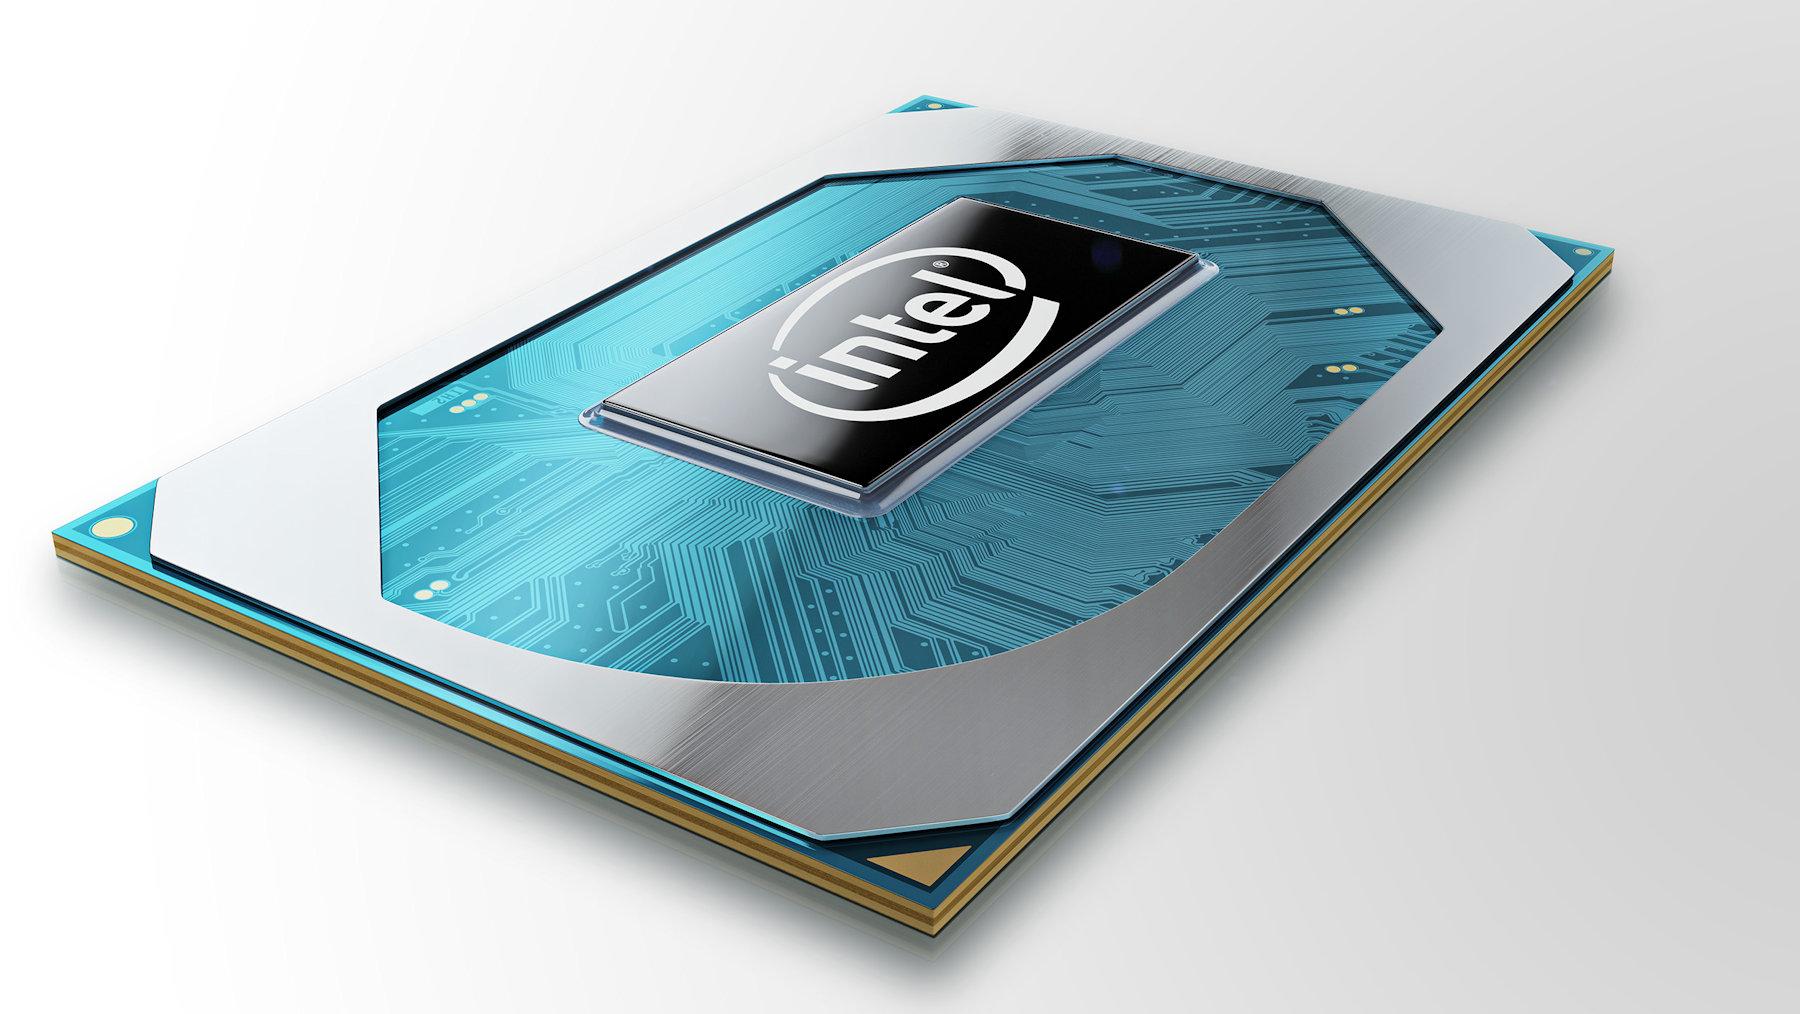 Такие ли 16-ядерные процессоры Intel нам нужны? Появились подробности о конфигурации множества CPU Alder Lake